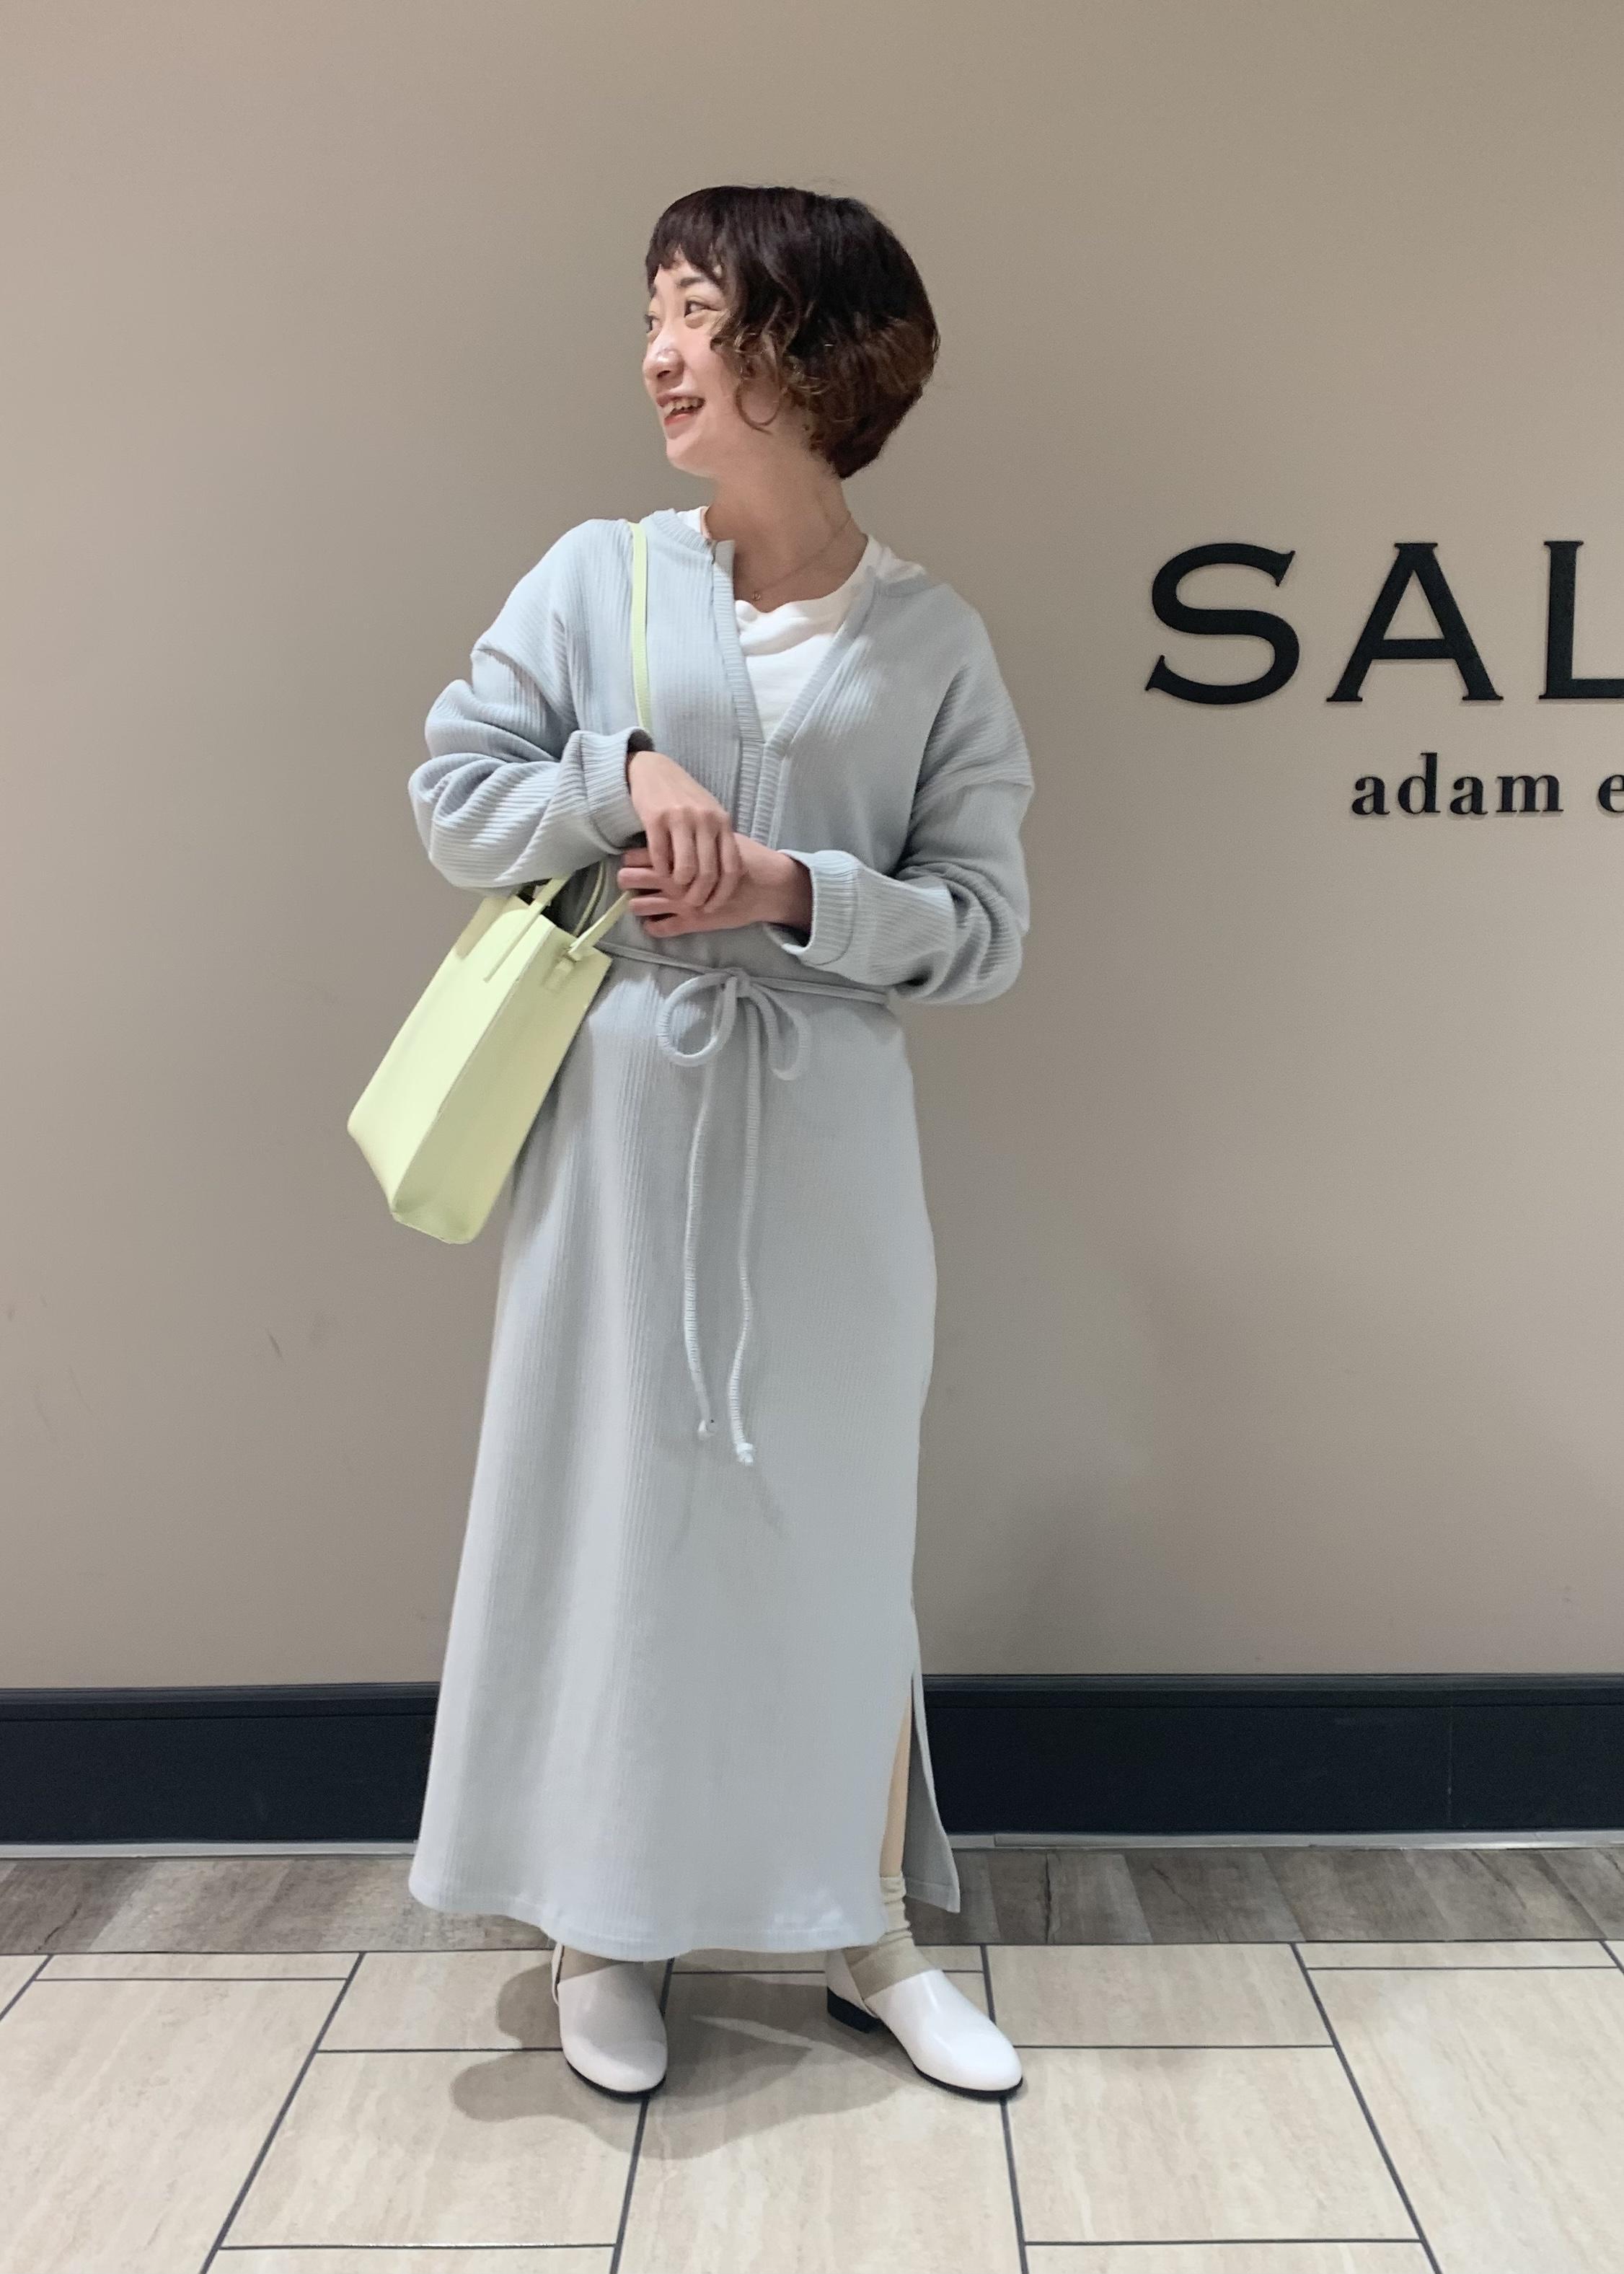 SALON adam et rope'の【YAHKI for SALON】[選べる6色]別注マルチウェイ スクエアトートバッグを使ったコーディネートを紹介します。|Rakuten Fashion(楽天ファッション/旧楽天ブランドアベニュー)1094382